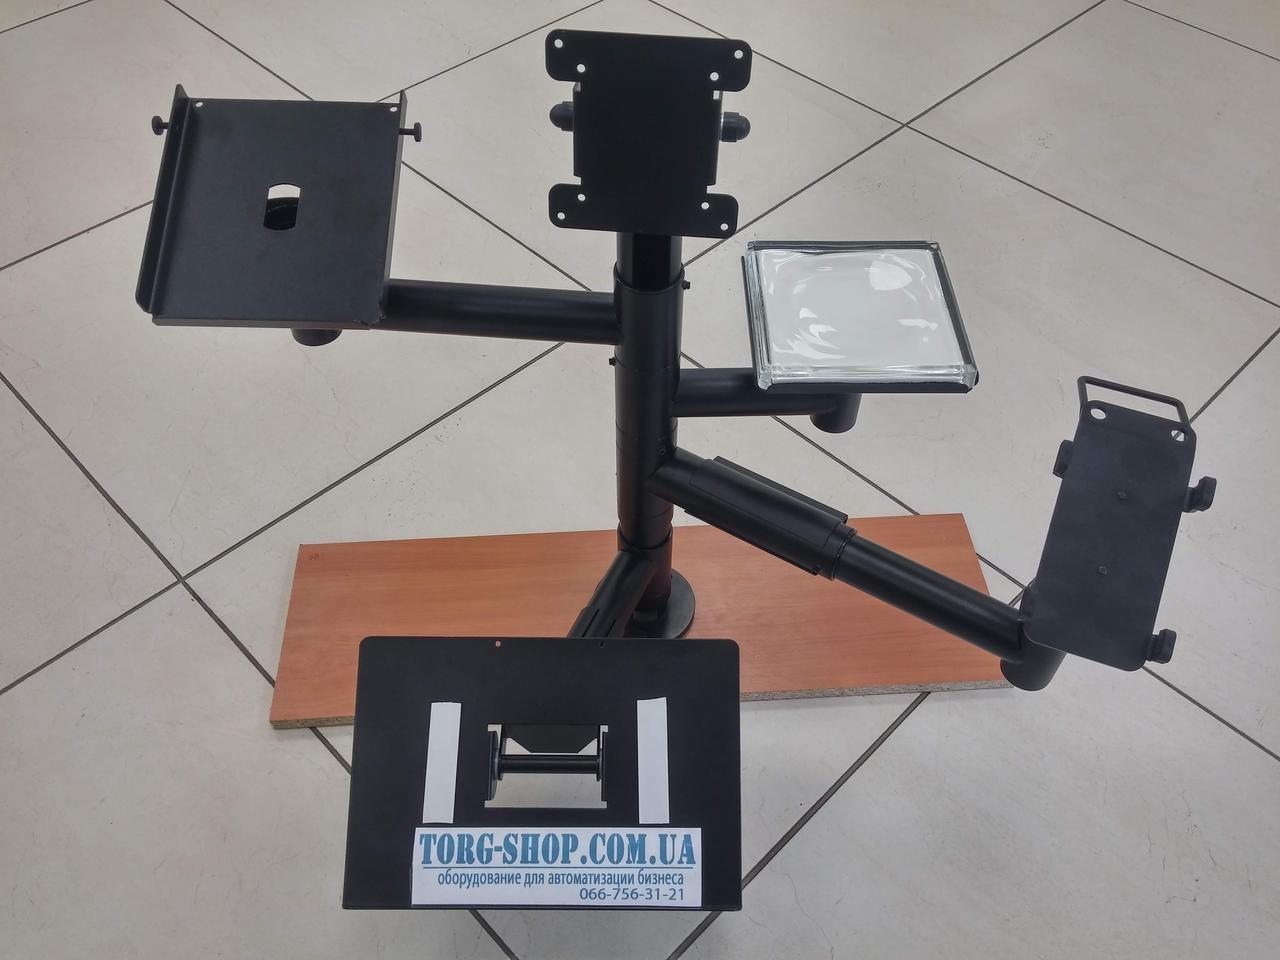 Стойка с верхним креплением дисплея, держателем принтера, терминала, монетницы и клавиатуры